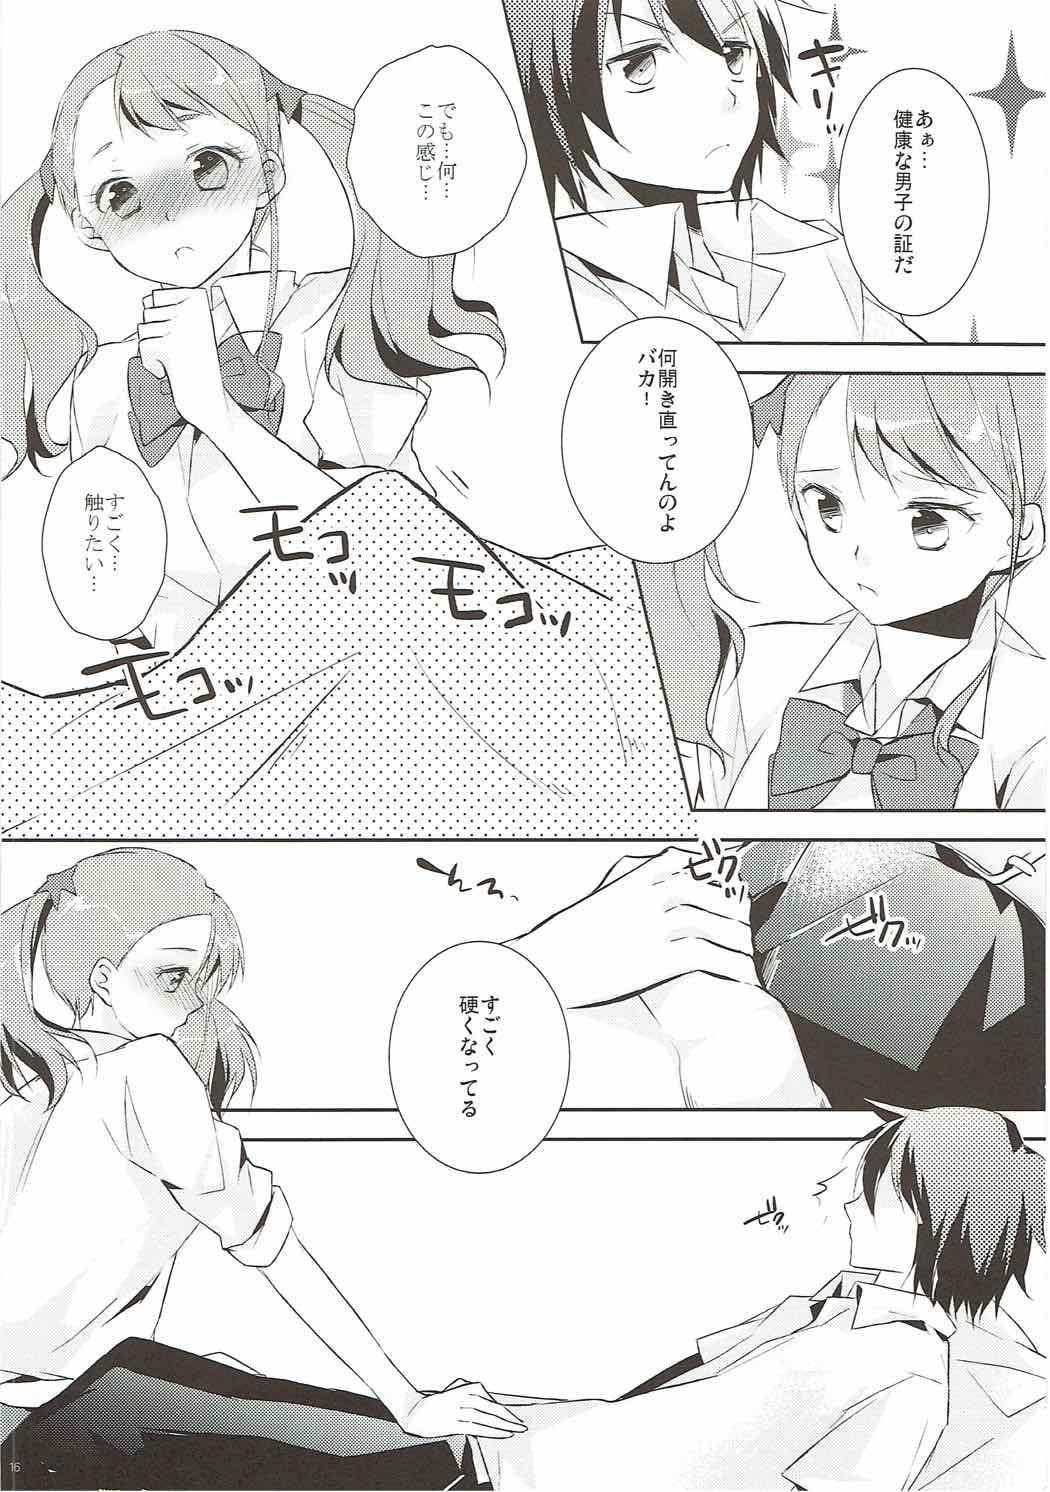 Ano Hi Mita Chichi no Kanshoku o Bokutachi wa Mada Shiranai. 14